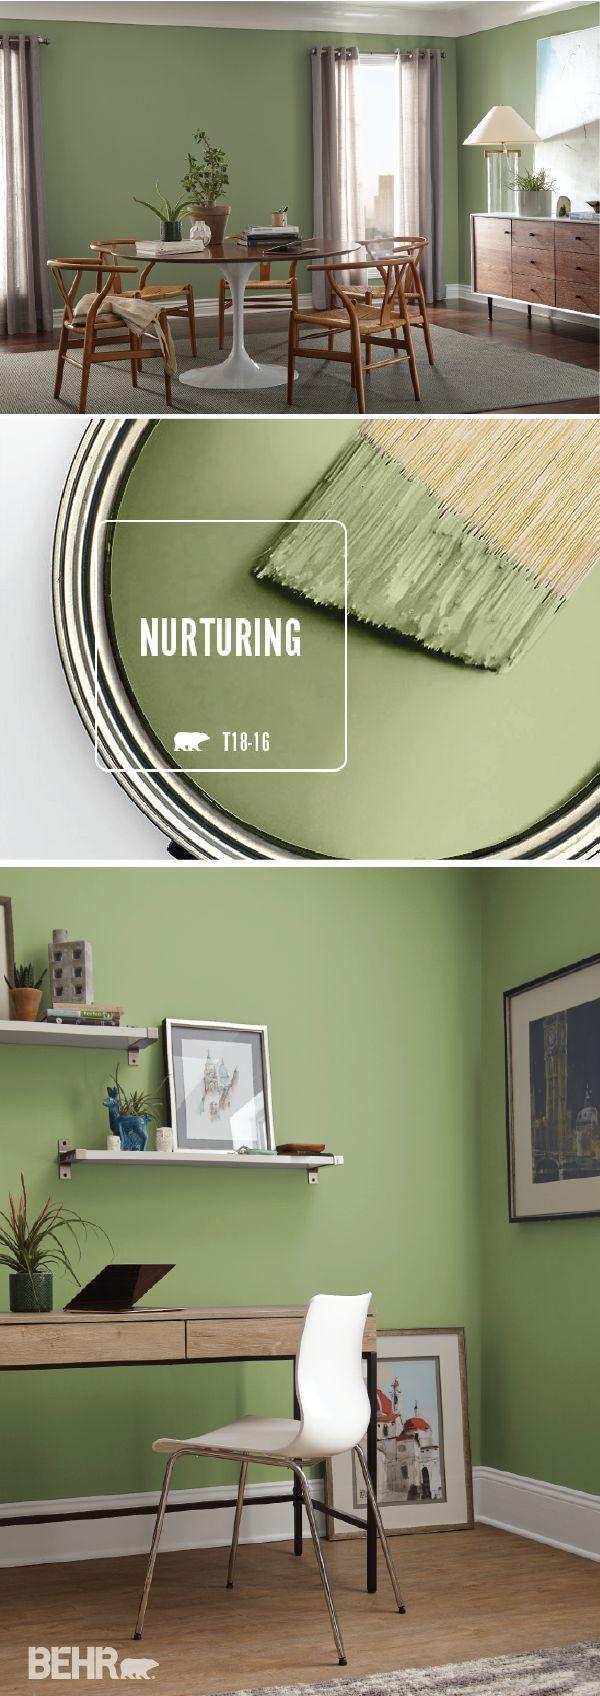 Home Decorating Ideas Bathroom Verwandeln Sie Ihr Zuhause mit der BEHR Paint Color des Monats in eine friedliche Oase Nur bathroom